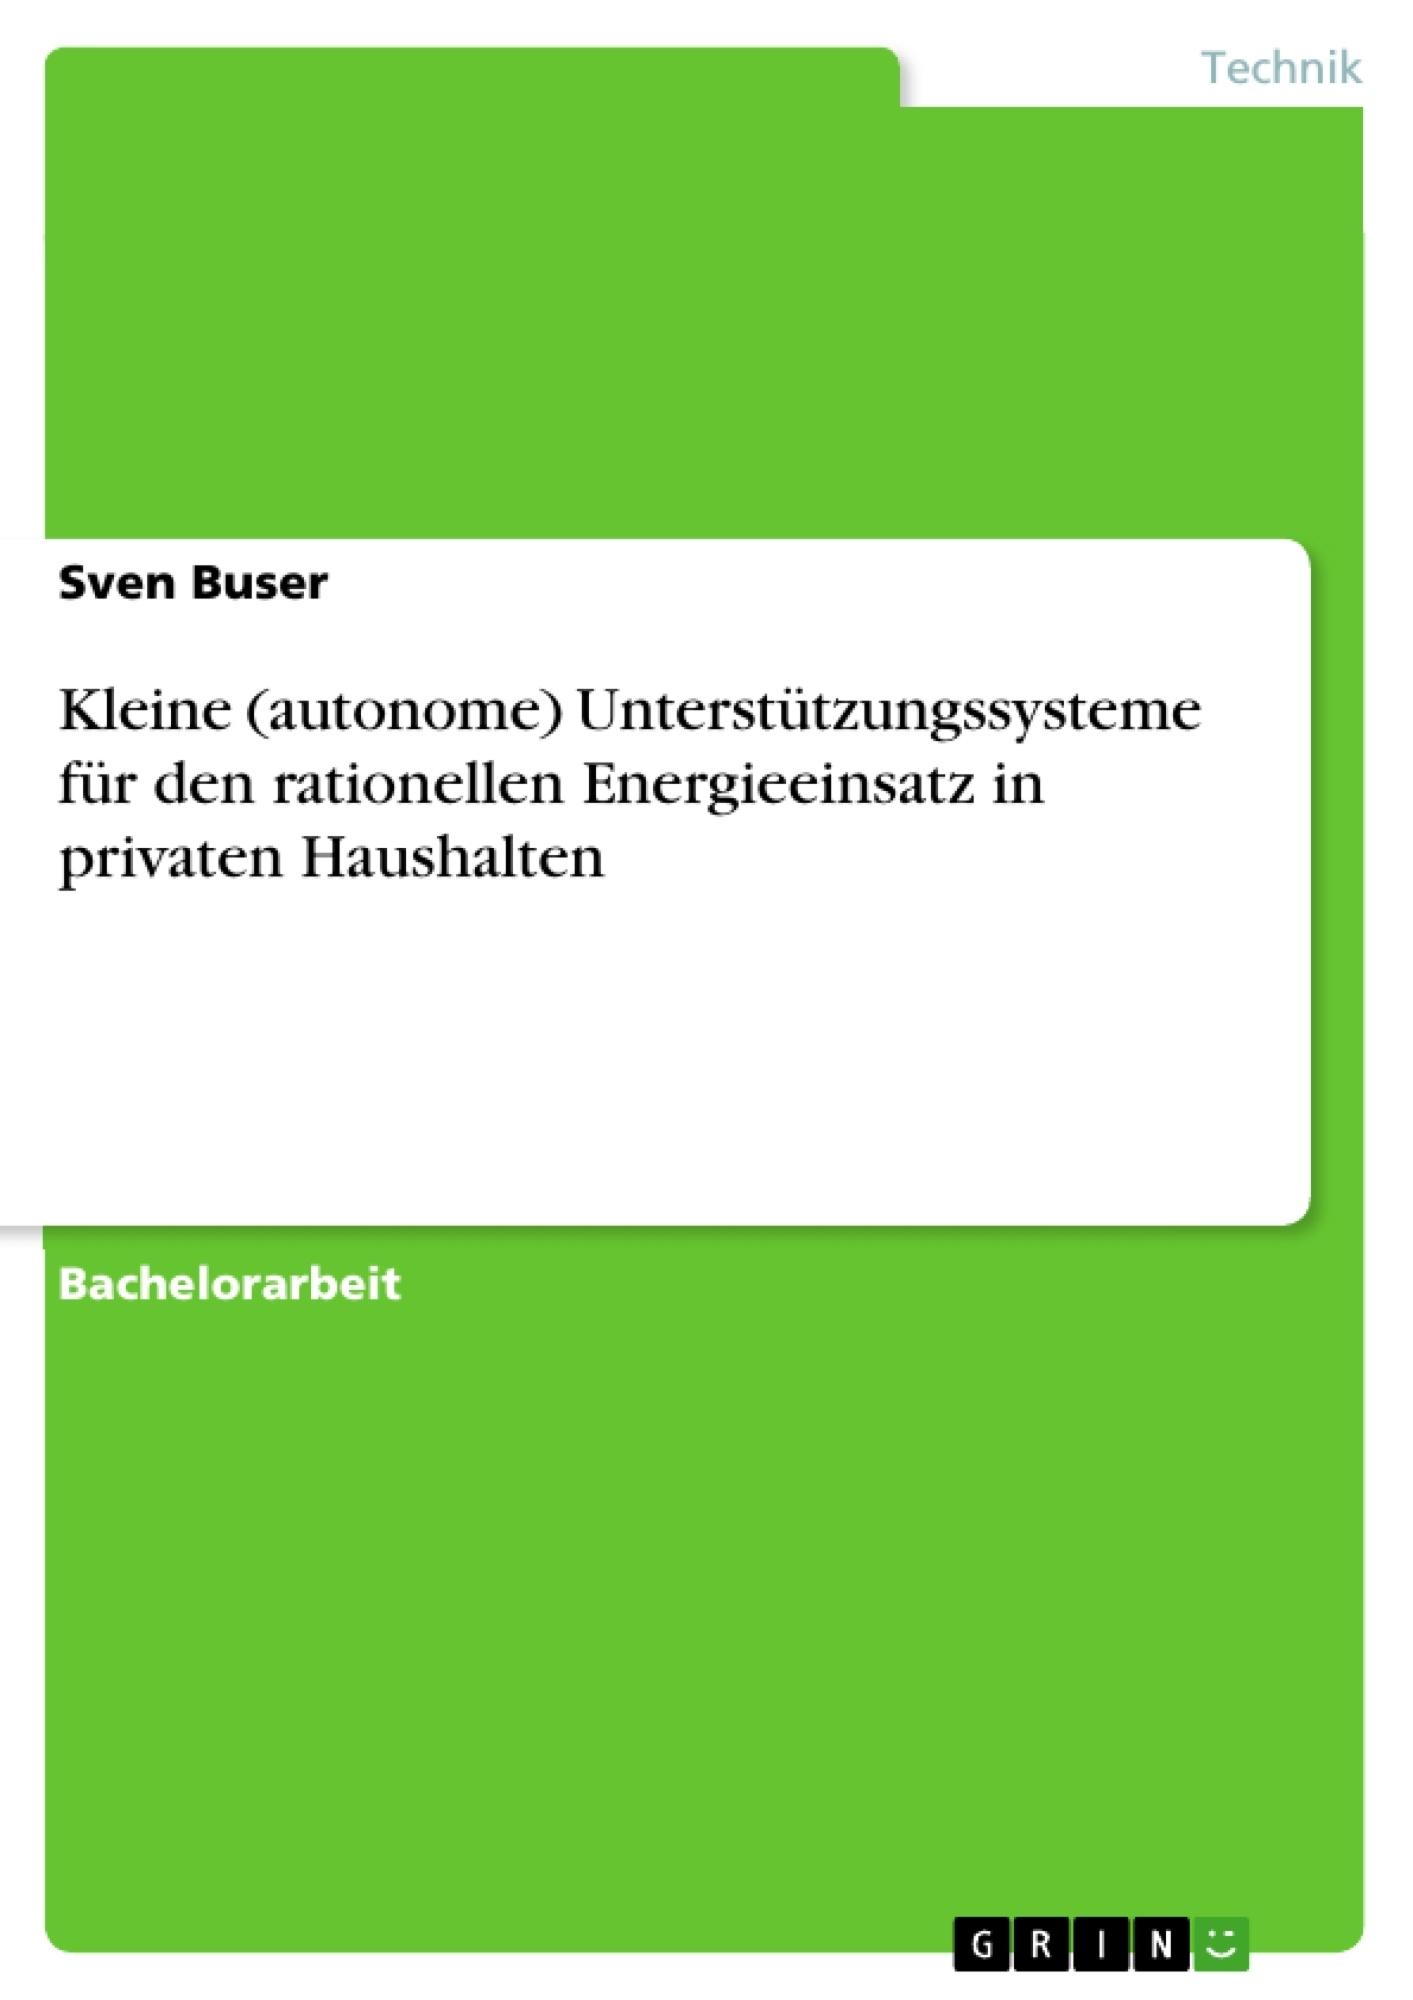 Titel: Kleine (autonome) Unterstützungssysteme für den rationellen Energieeinsatz in privaten Haushalten